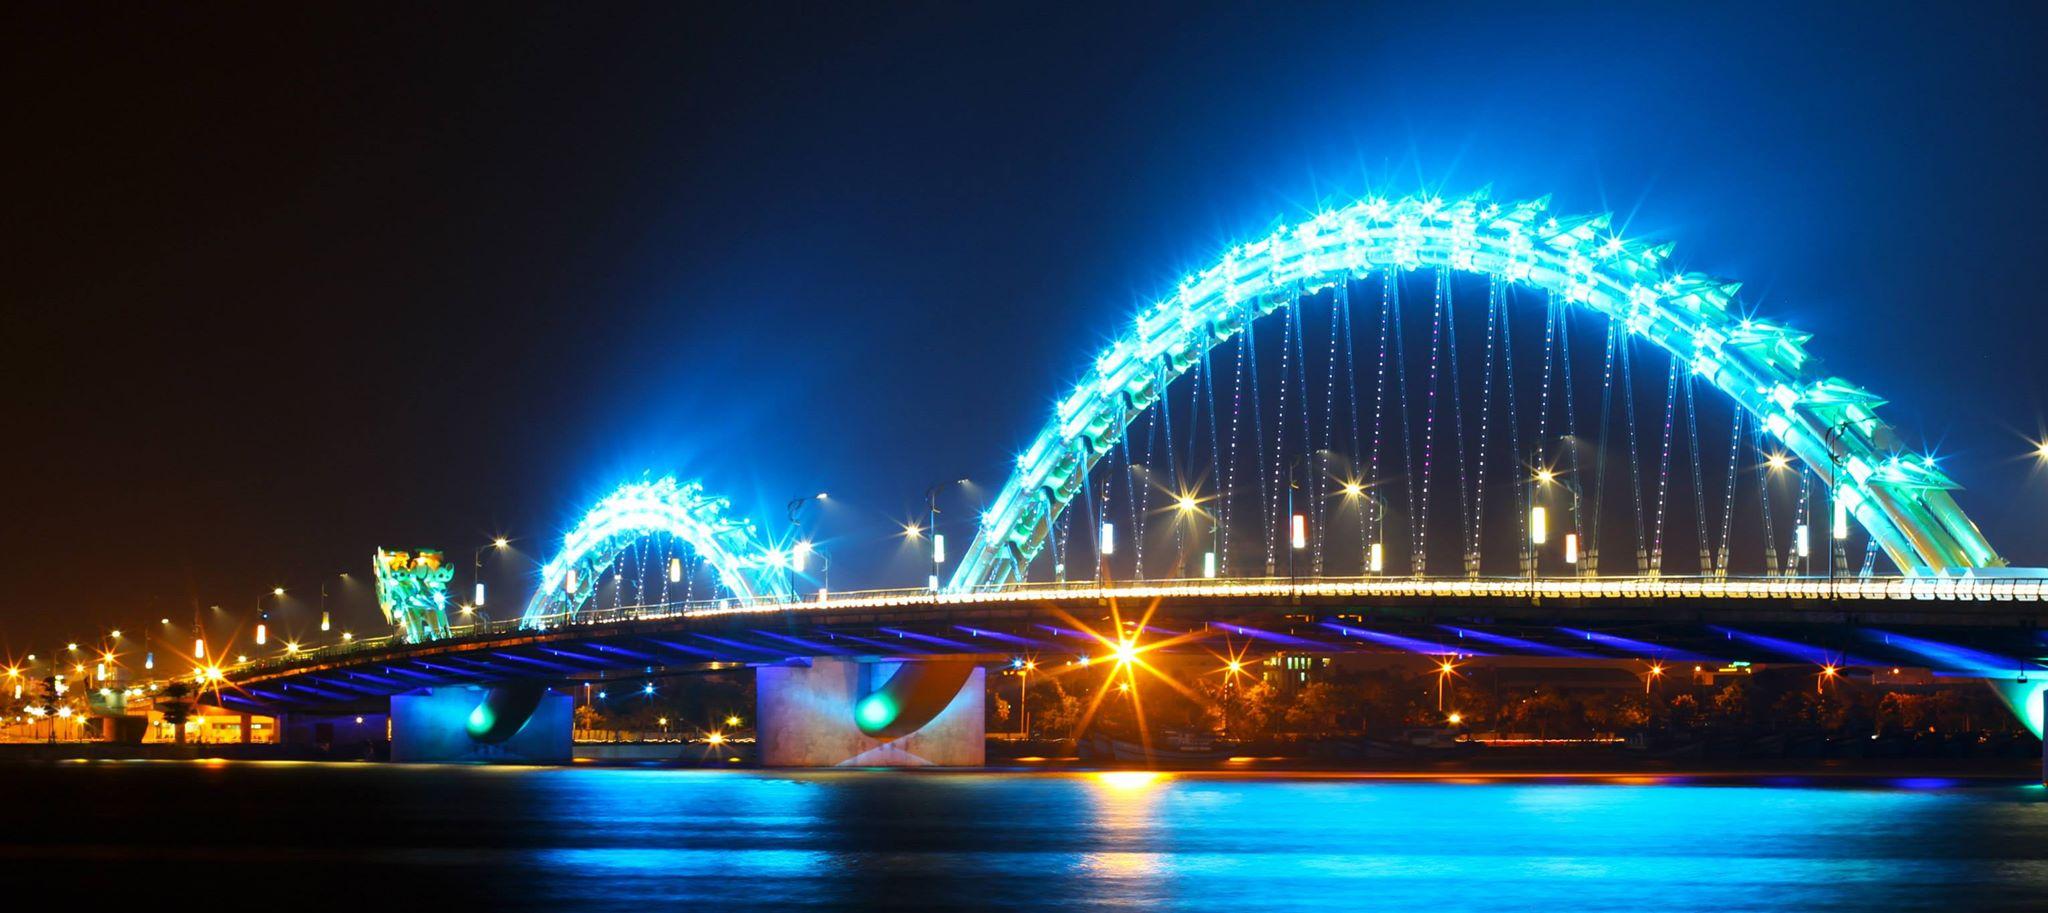 Cầu rồng Đà Nẵng đèn xanh